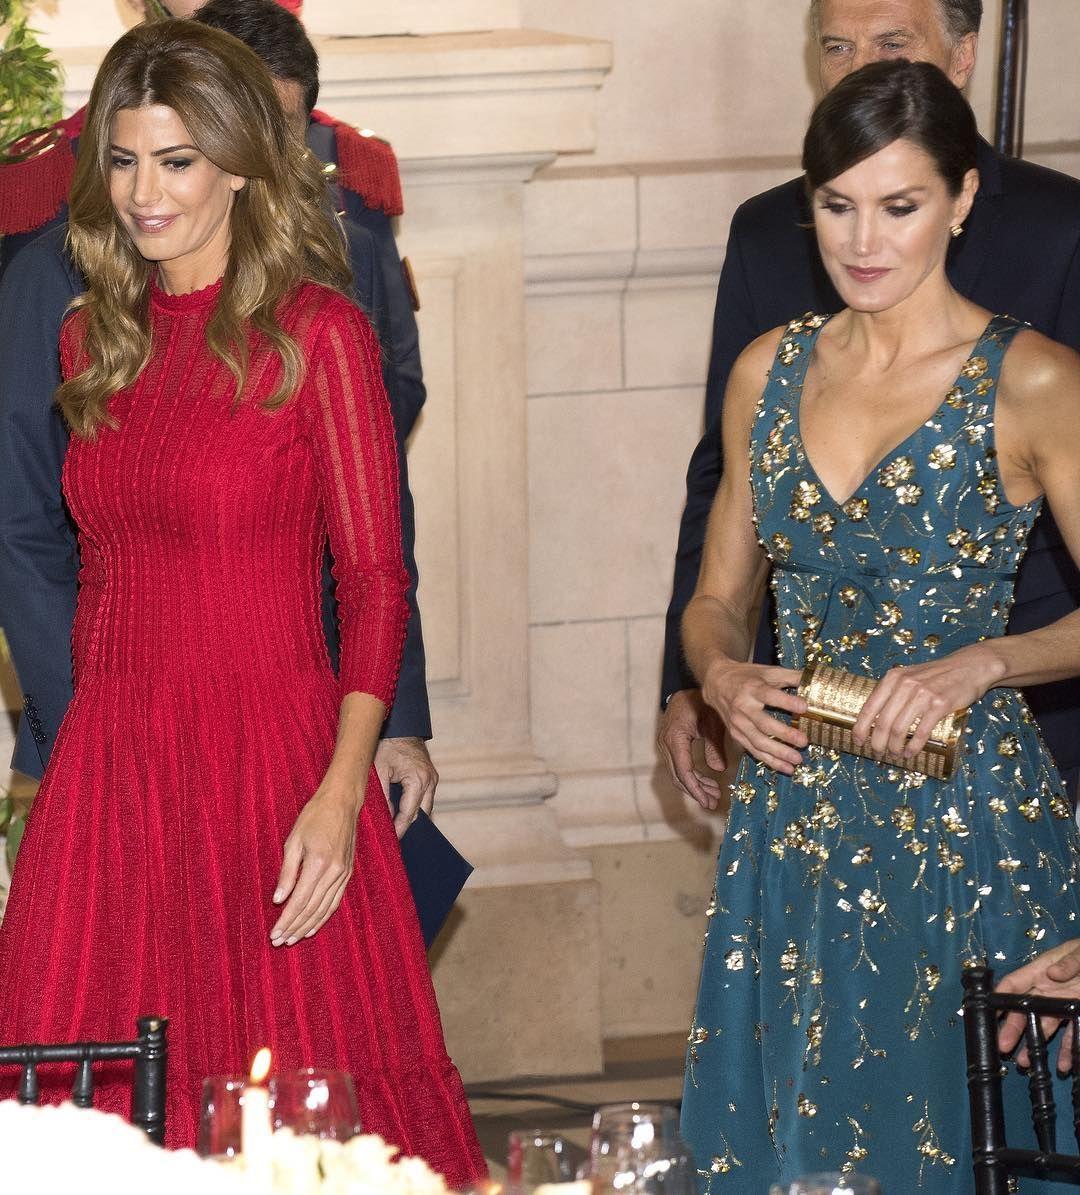 Los Reyes Están De Viaje Oficial En Argentina Y Para La Primera Cena De Gala Estos Han Sido Los Looks Elegidos Por Letizia Queen Letizia Letizia Ortiz Fashion